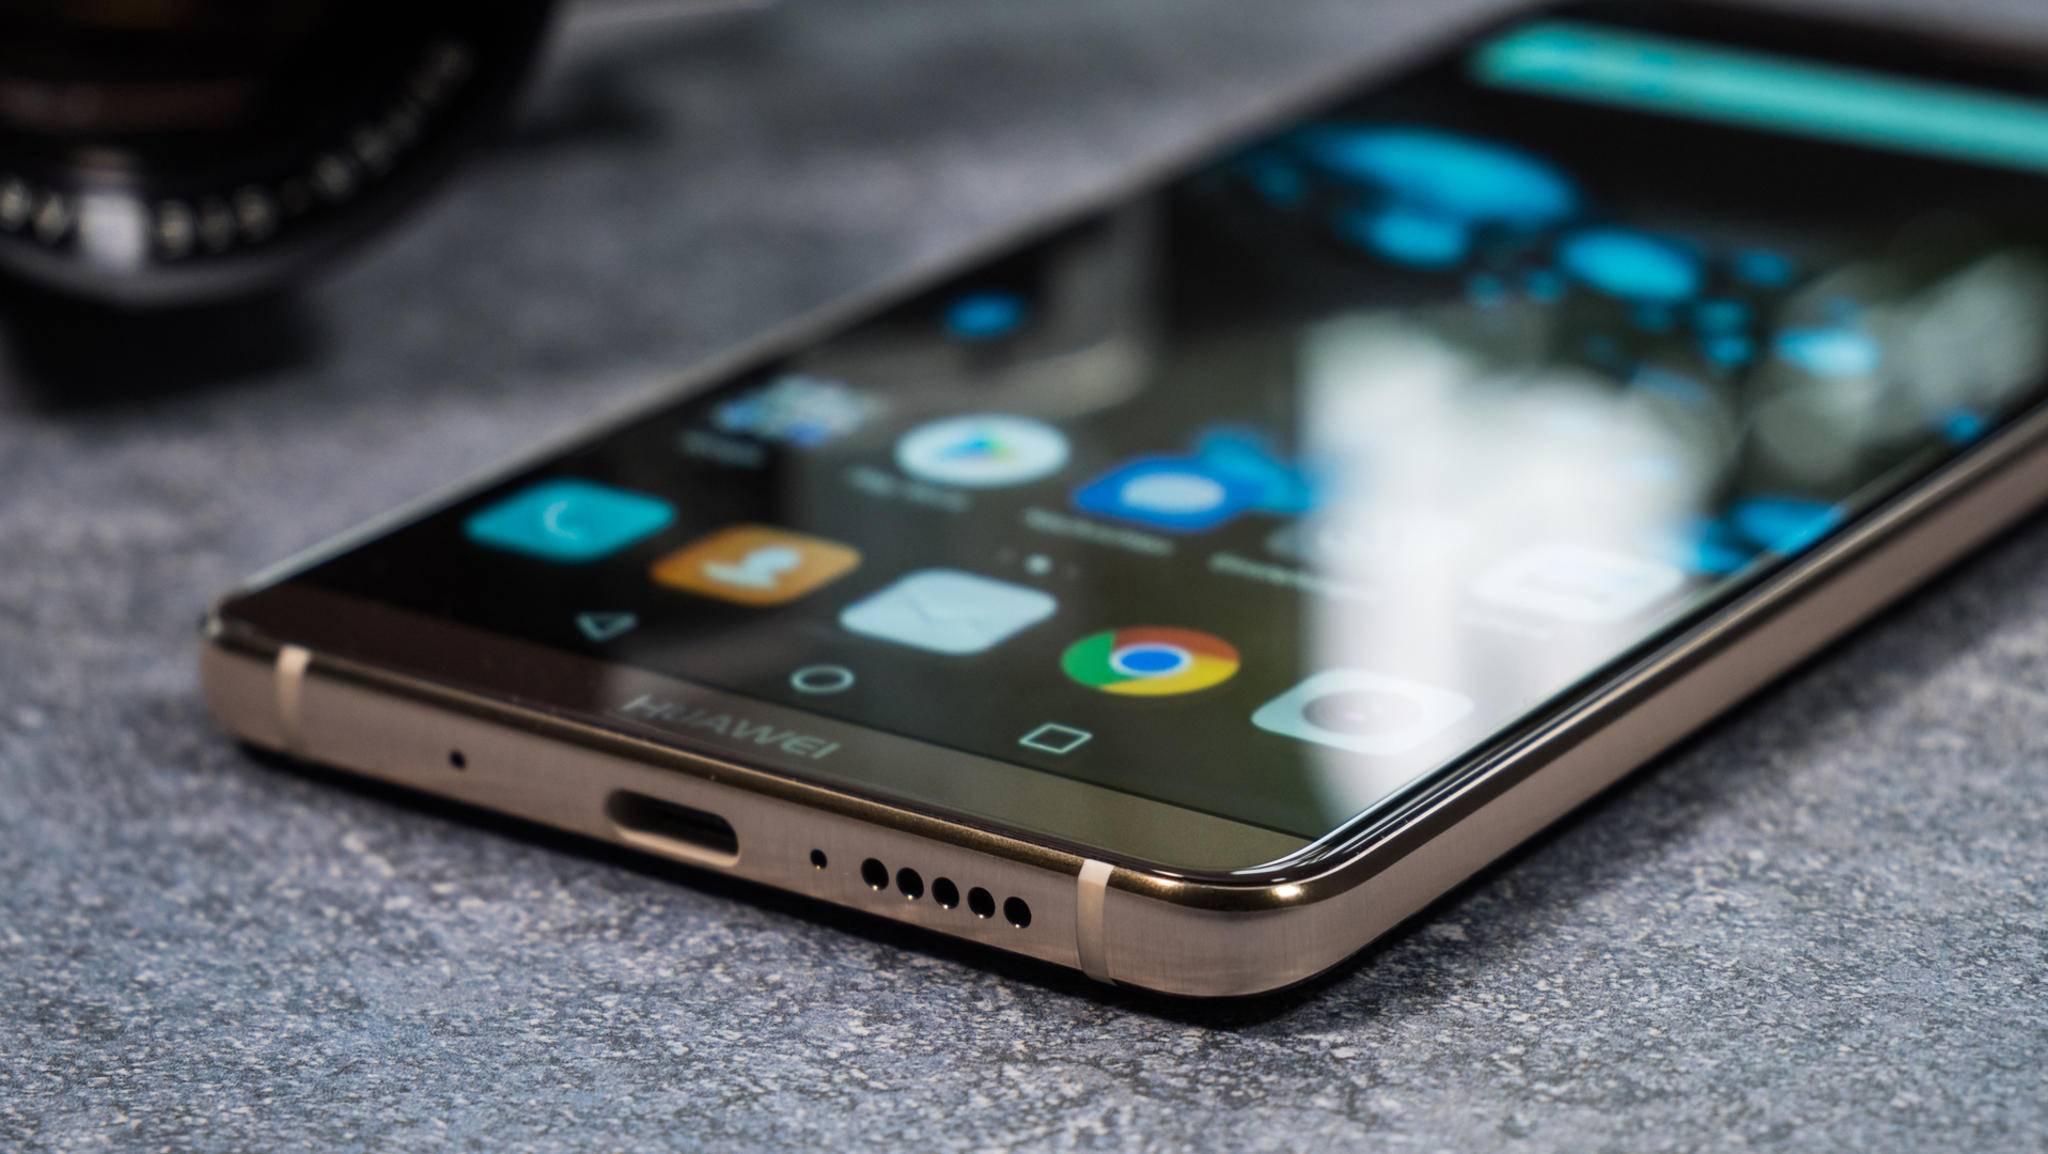 Offenbar findet sich auf manchen Huawei-Smartphones die App GoPro Quik wieder – ungefragt.